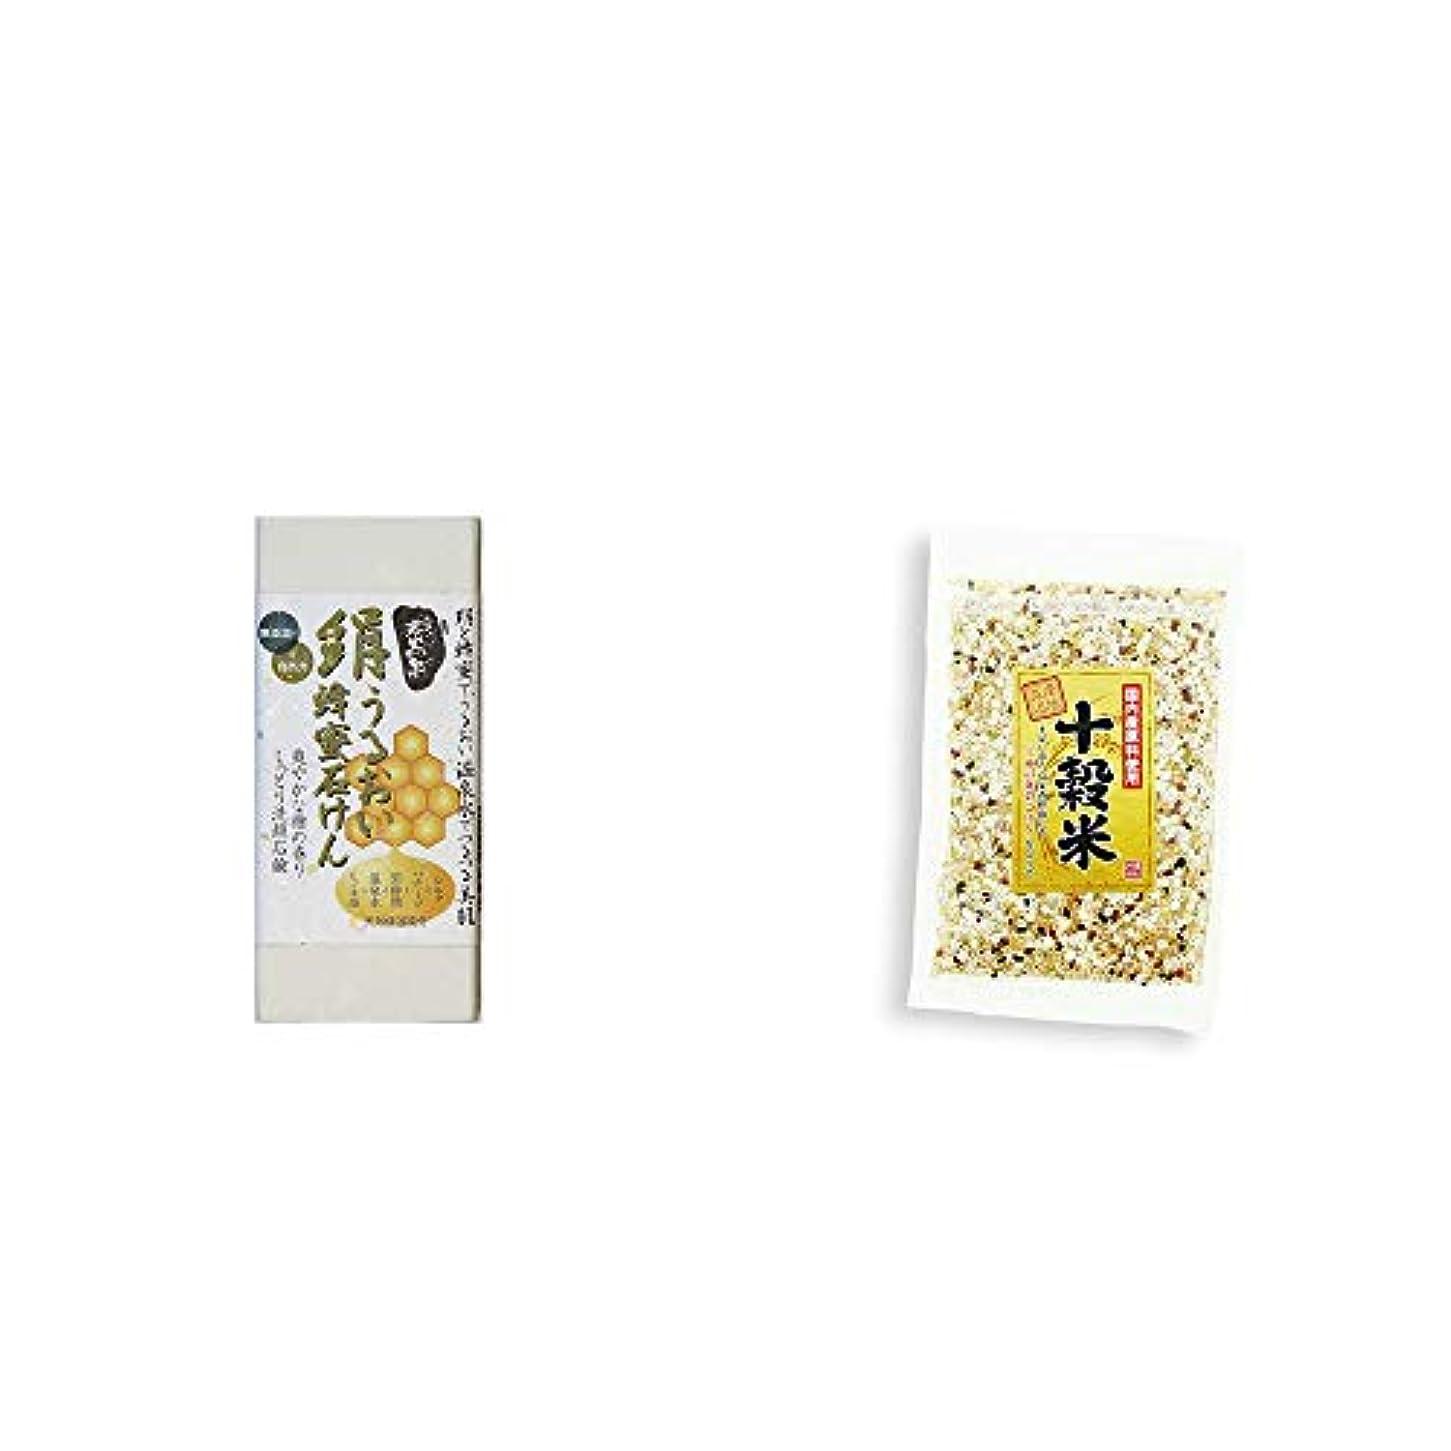 事前市場食い違い[2点セット] ひのき炭黒泉 絹うるおい蜂蜜石けん(75g×2)?国産原料使用 十穀米(300g)